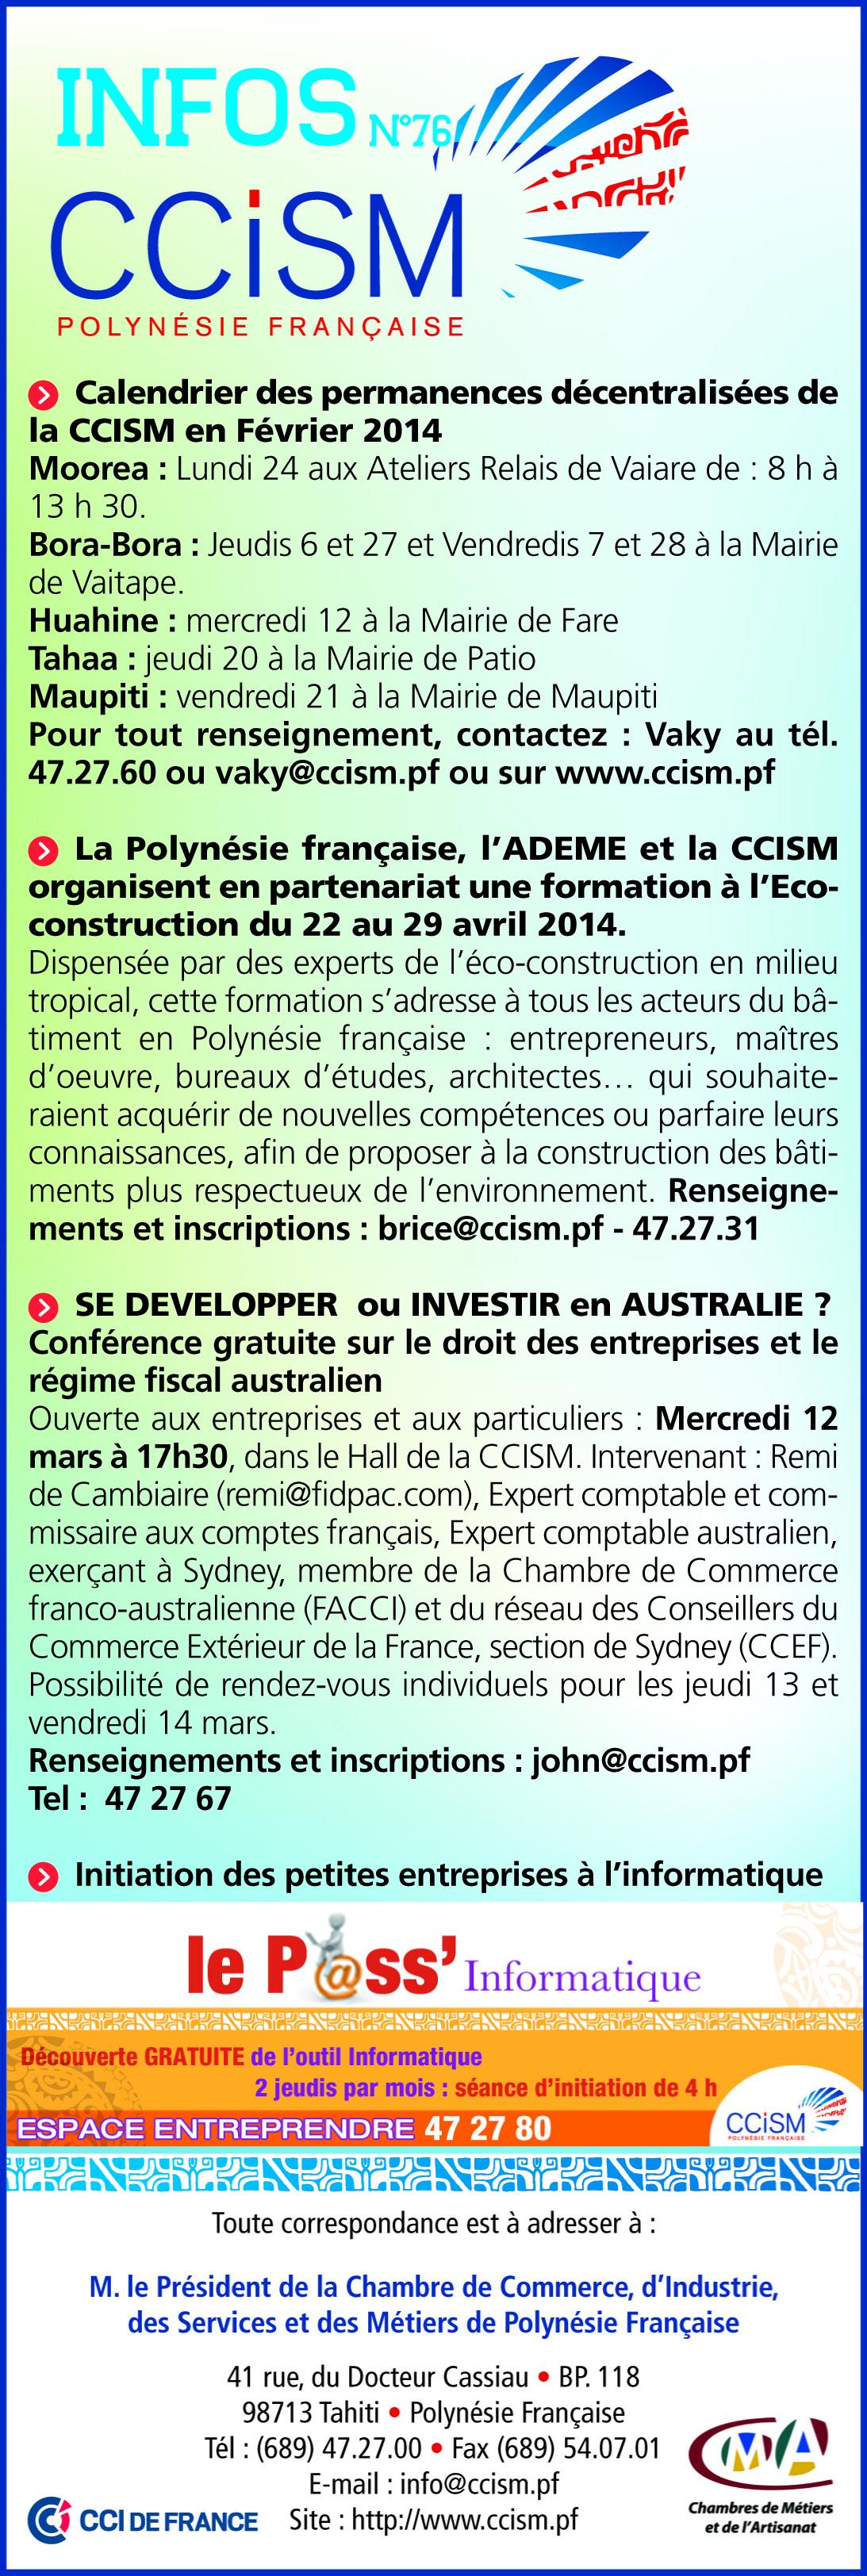 Infos CCISM N°76